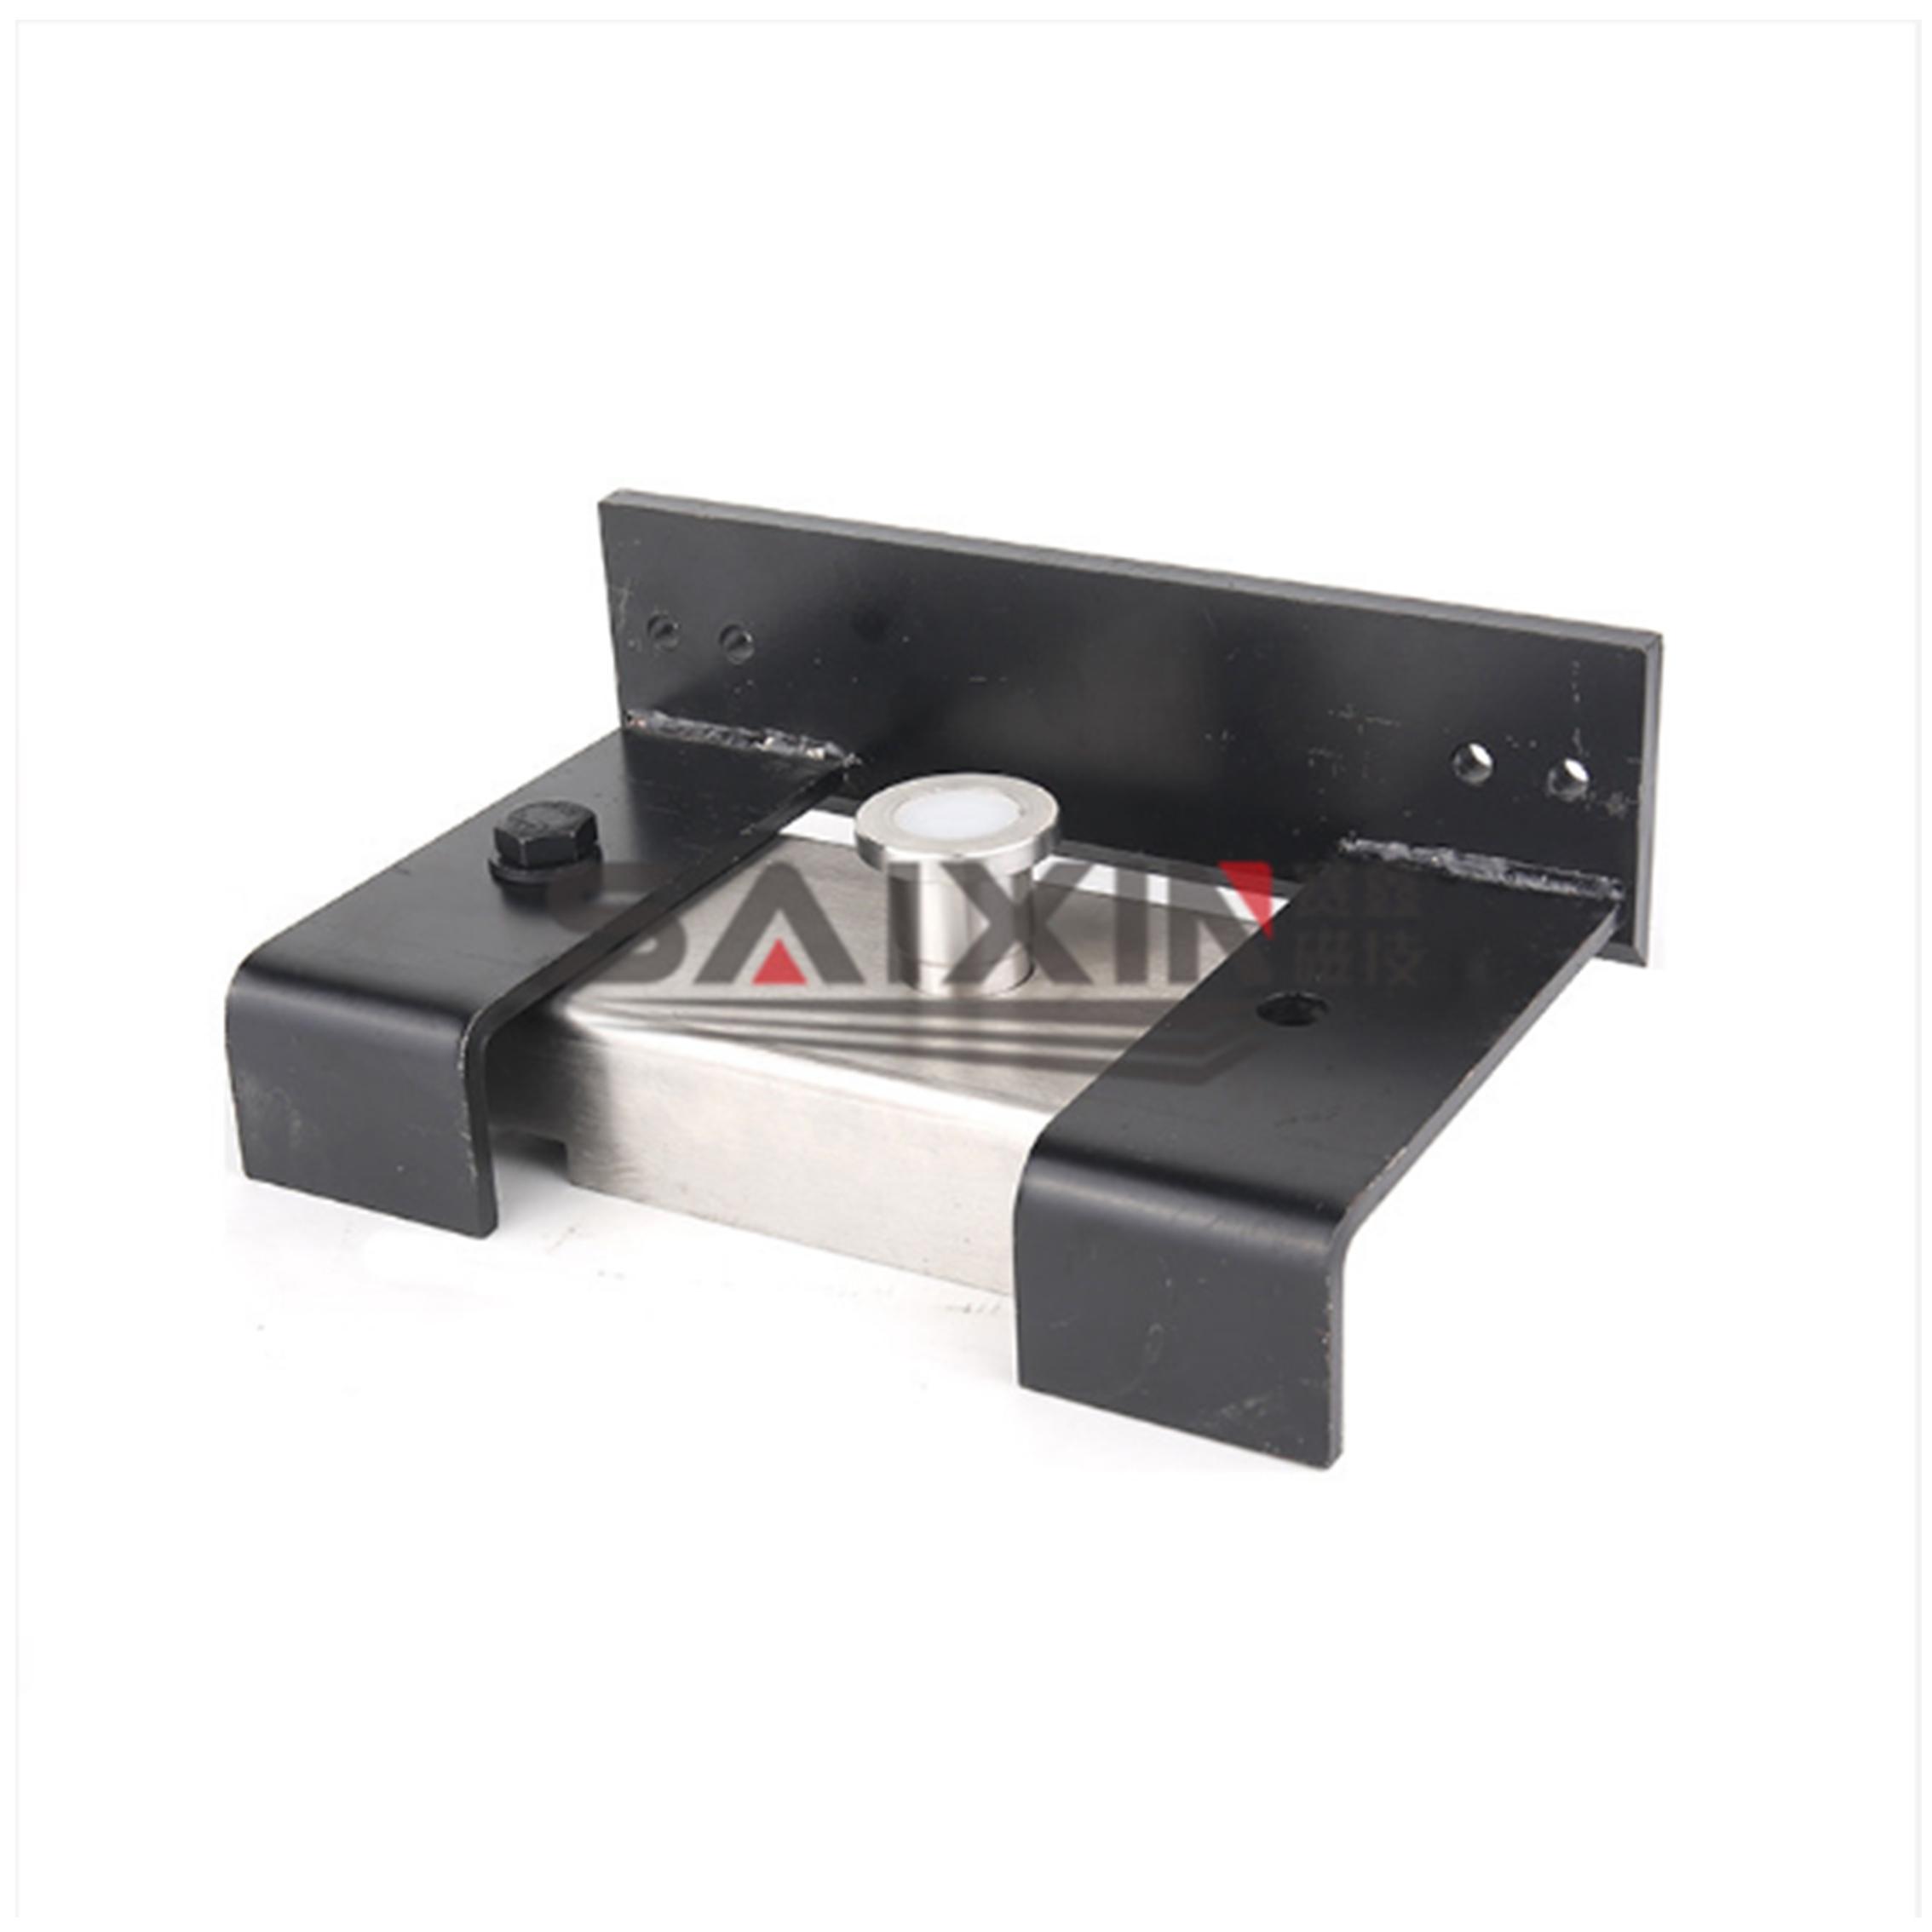 磁盒固定夹具